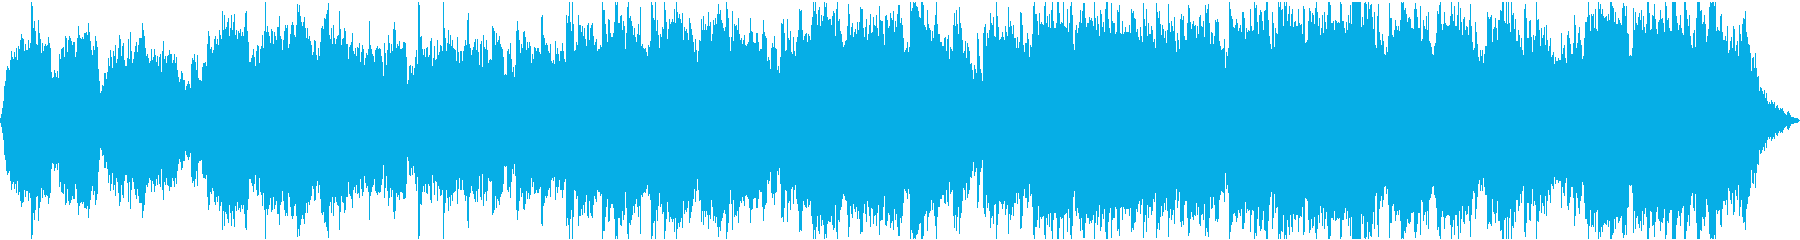 静かで幻想的な笛とシンセサイザーの再生済みの波形